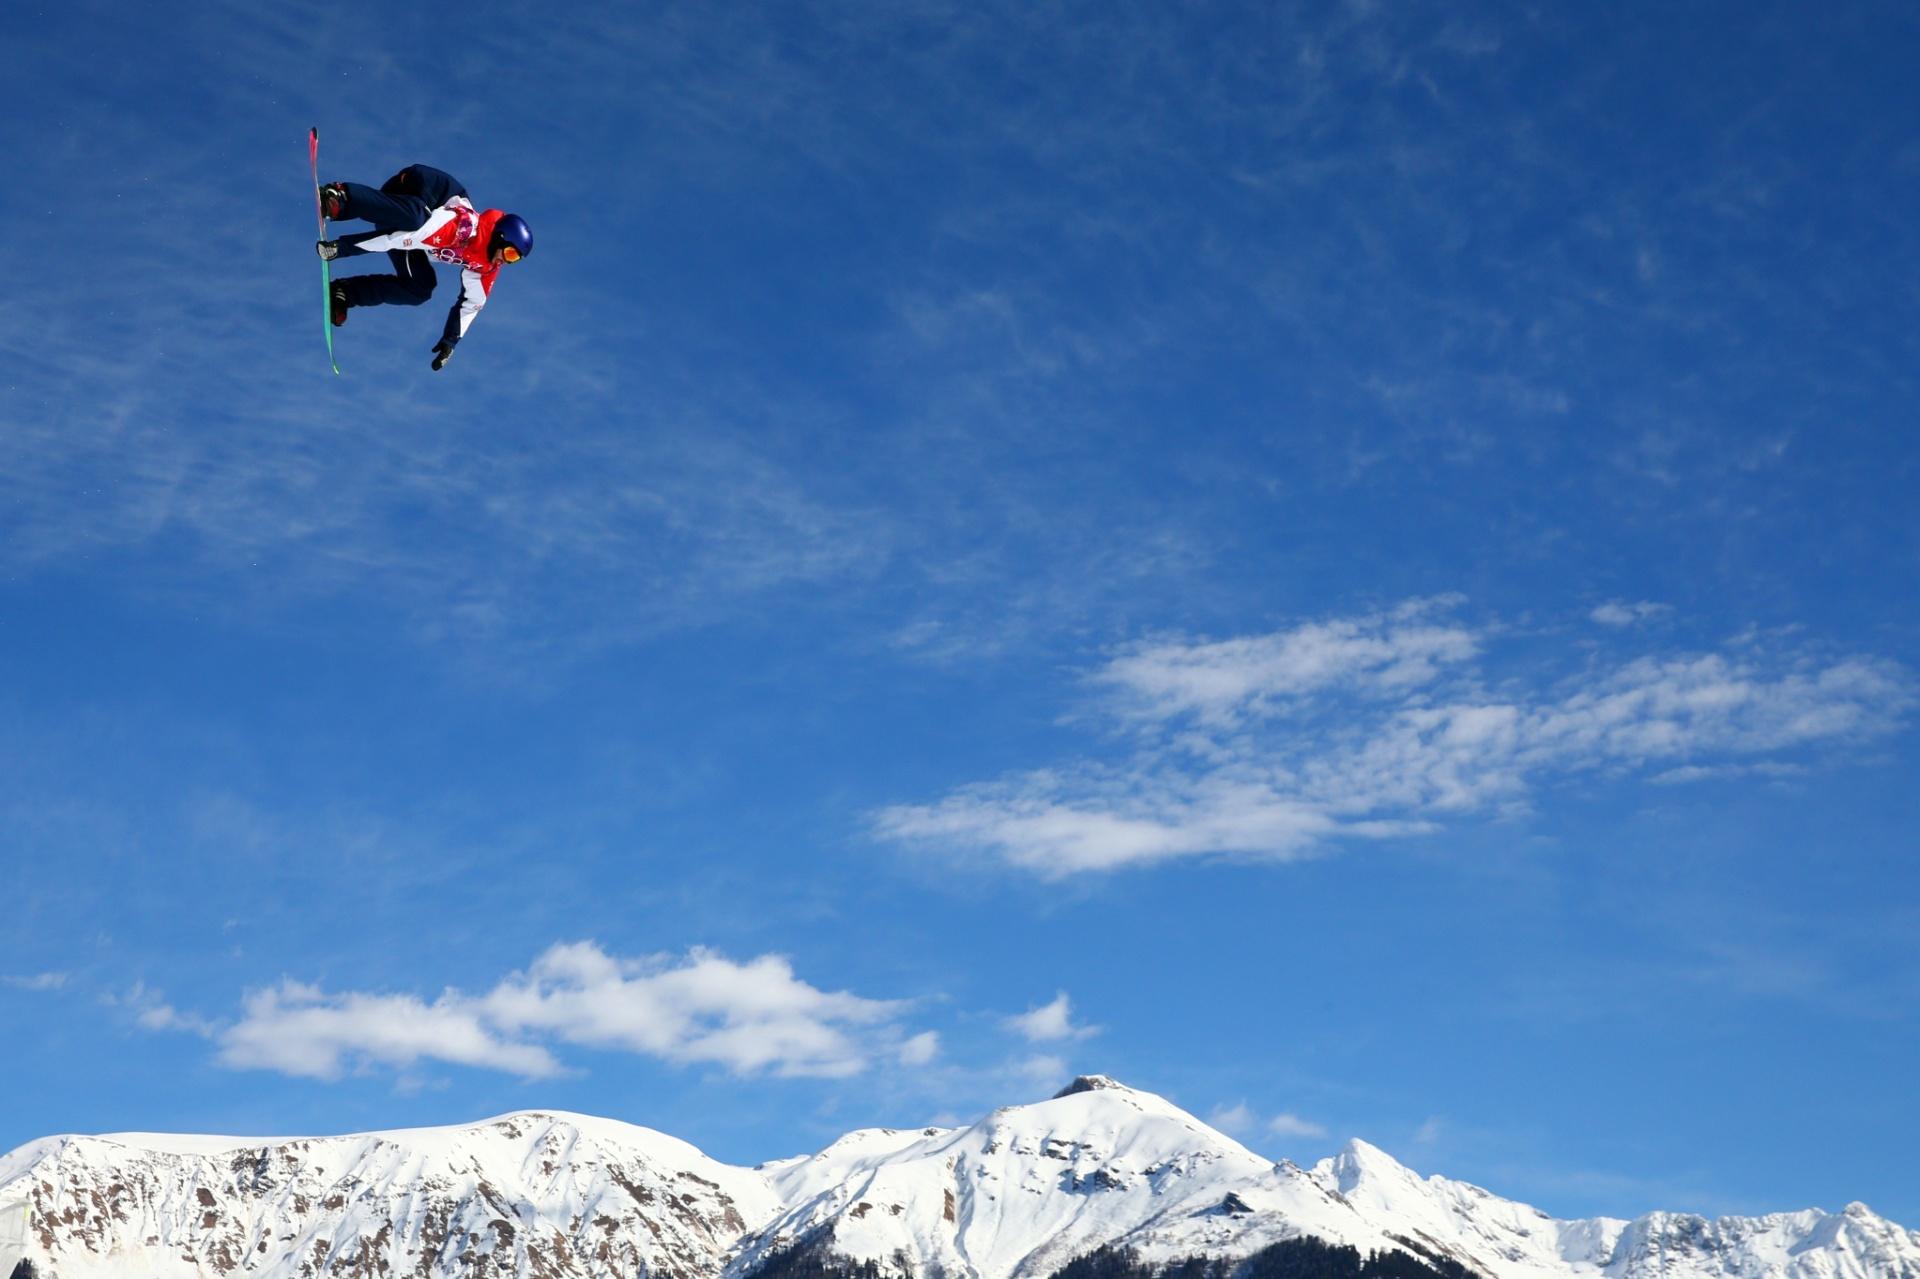 09.02.2014 - Billy Morgan, da Grã-Bretanha, olha para o chão enquanto faz manobra no snowboard slopestyle